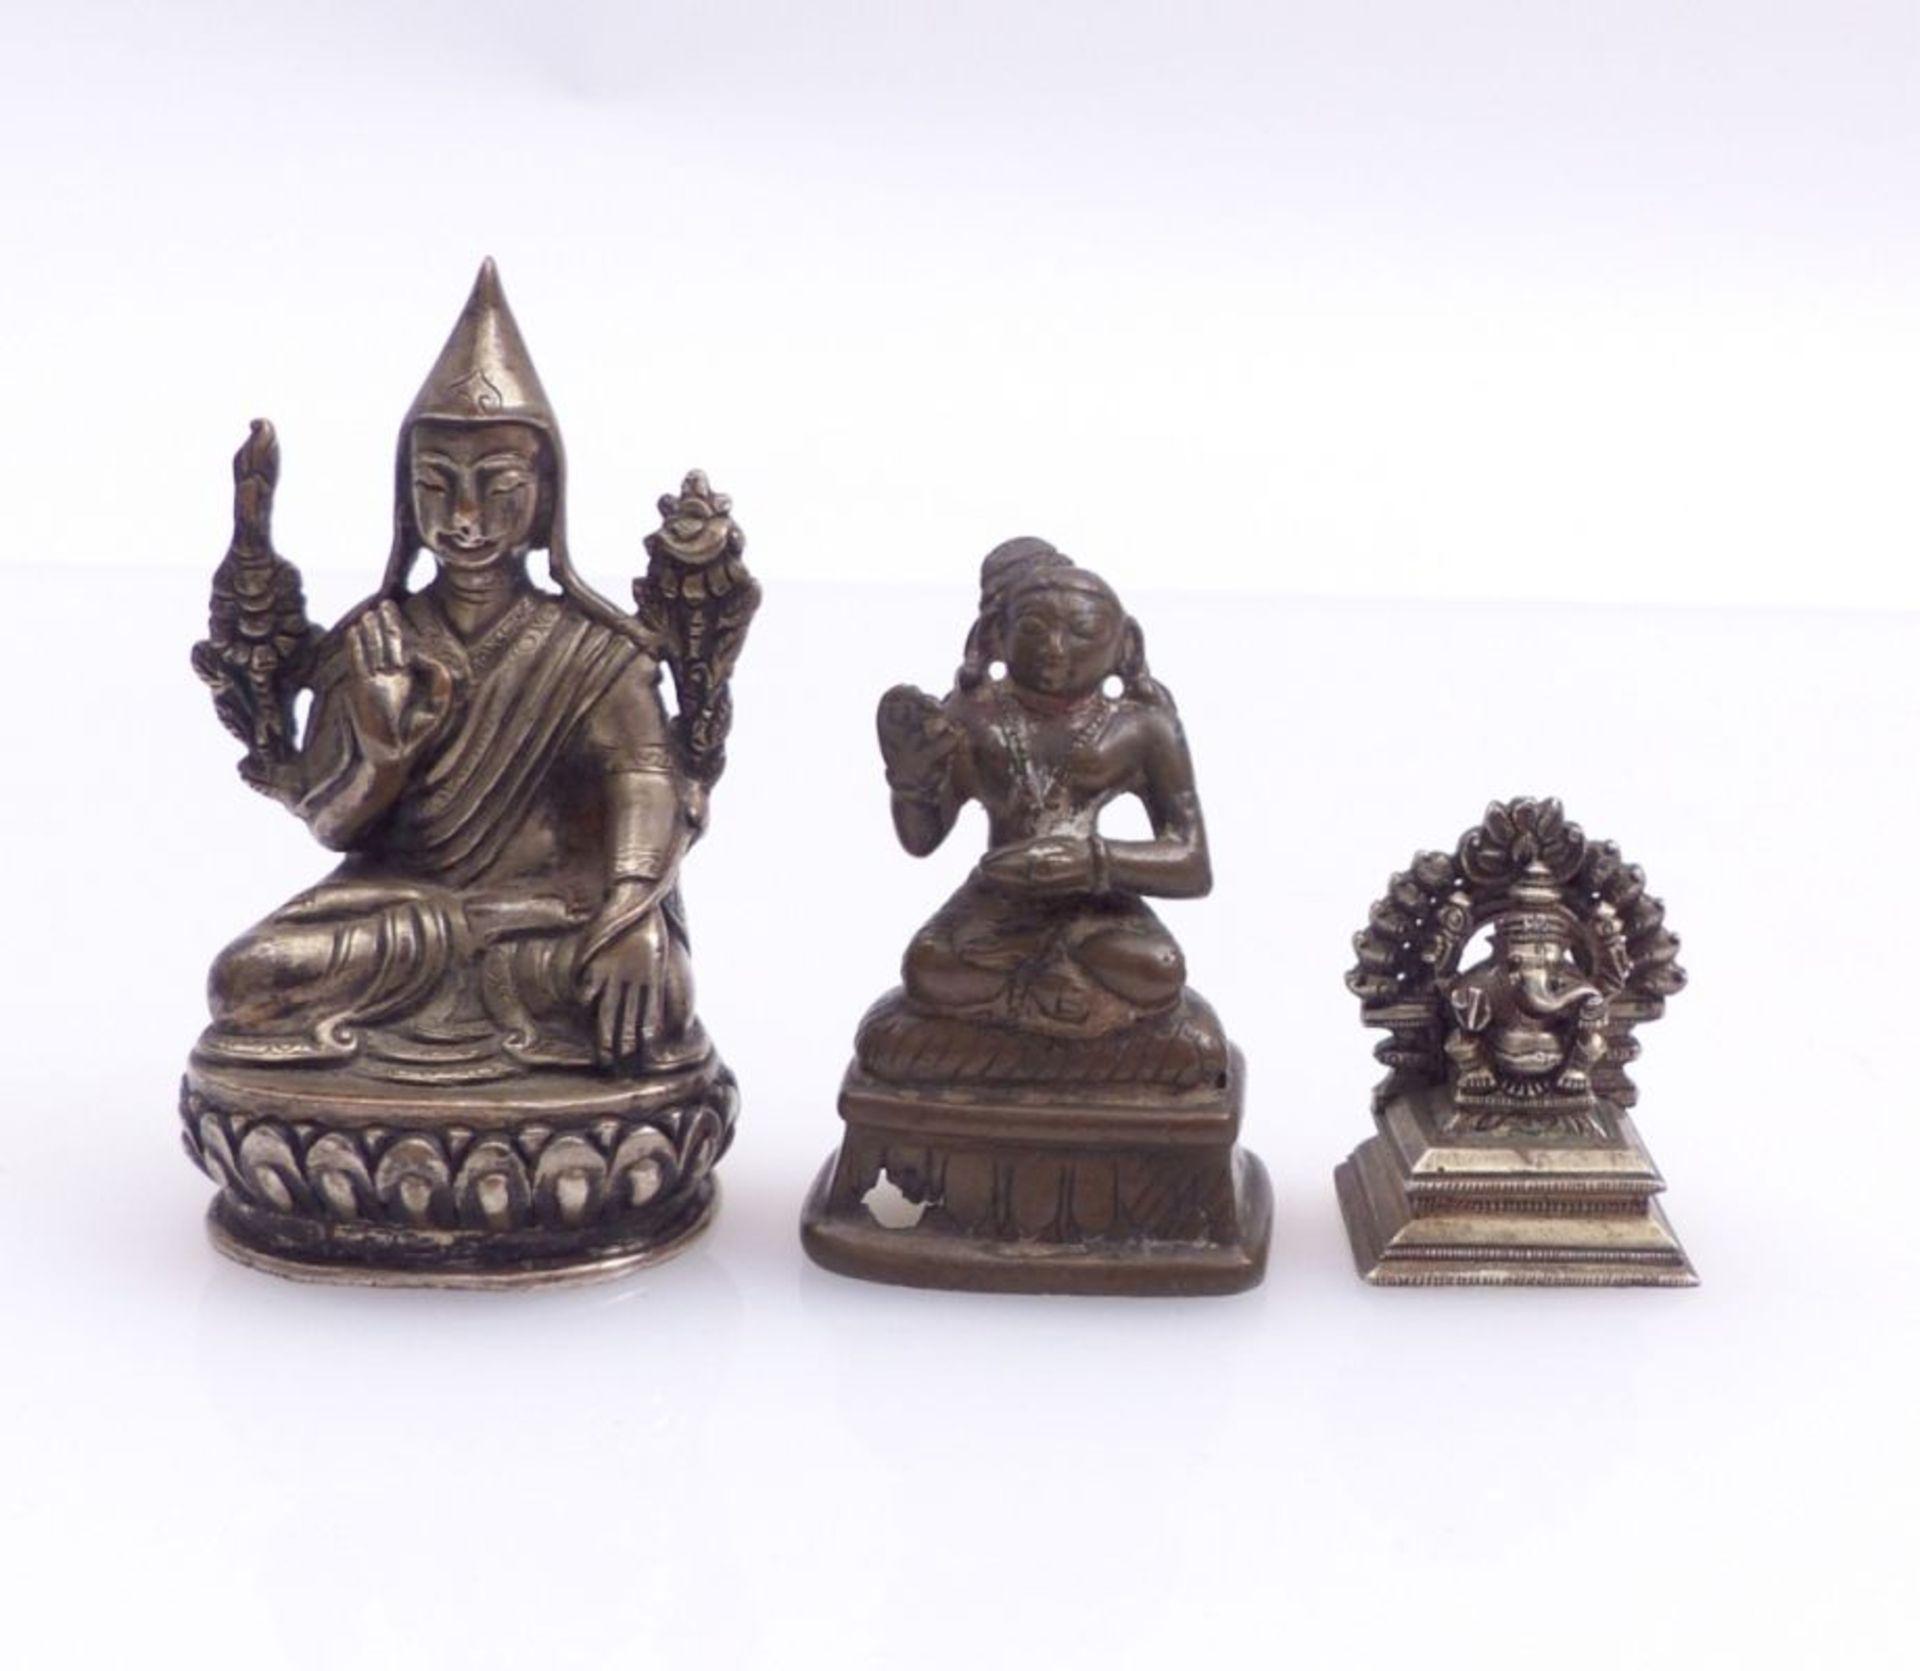 Drei Miniaturfiguren thronender, asiatischer Gottheiten